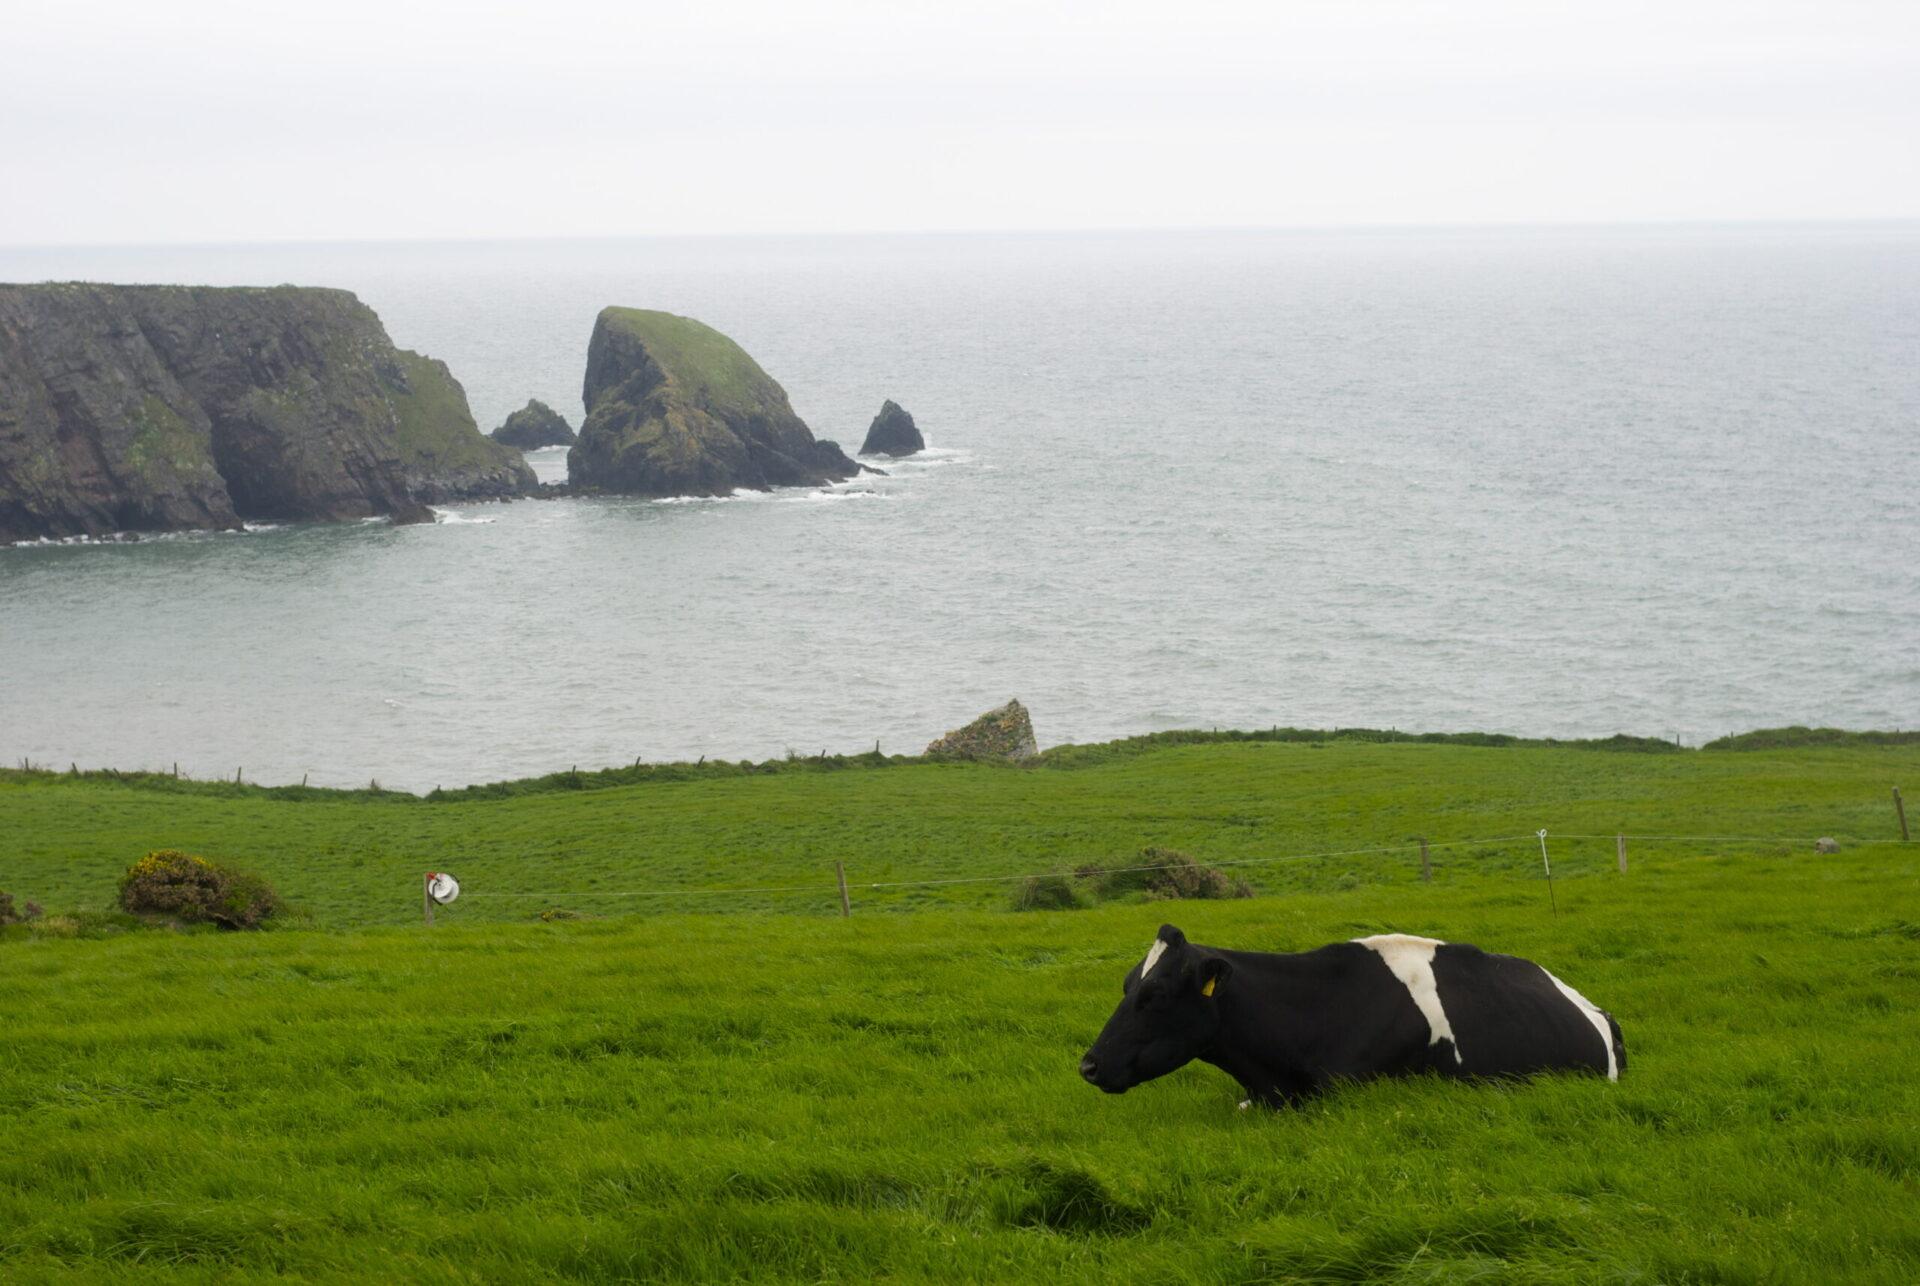 Vache allongée dans un champ surplombant une baie en Irlande.